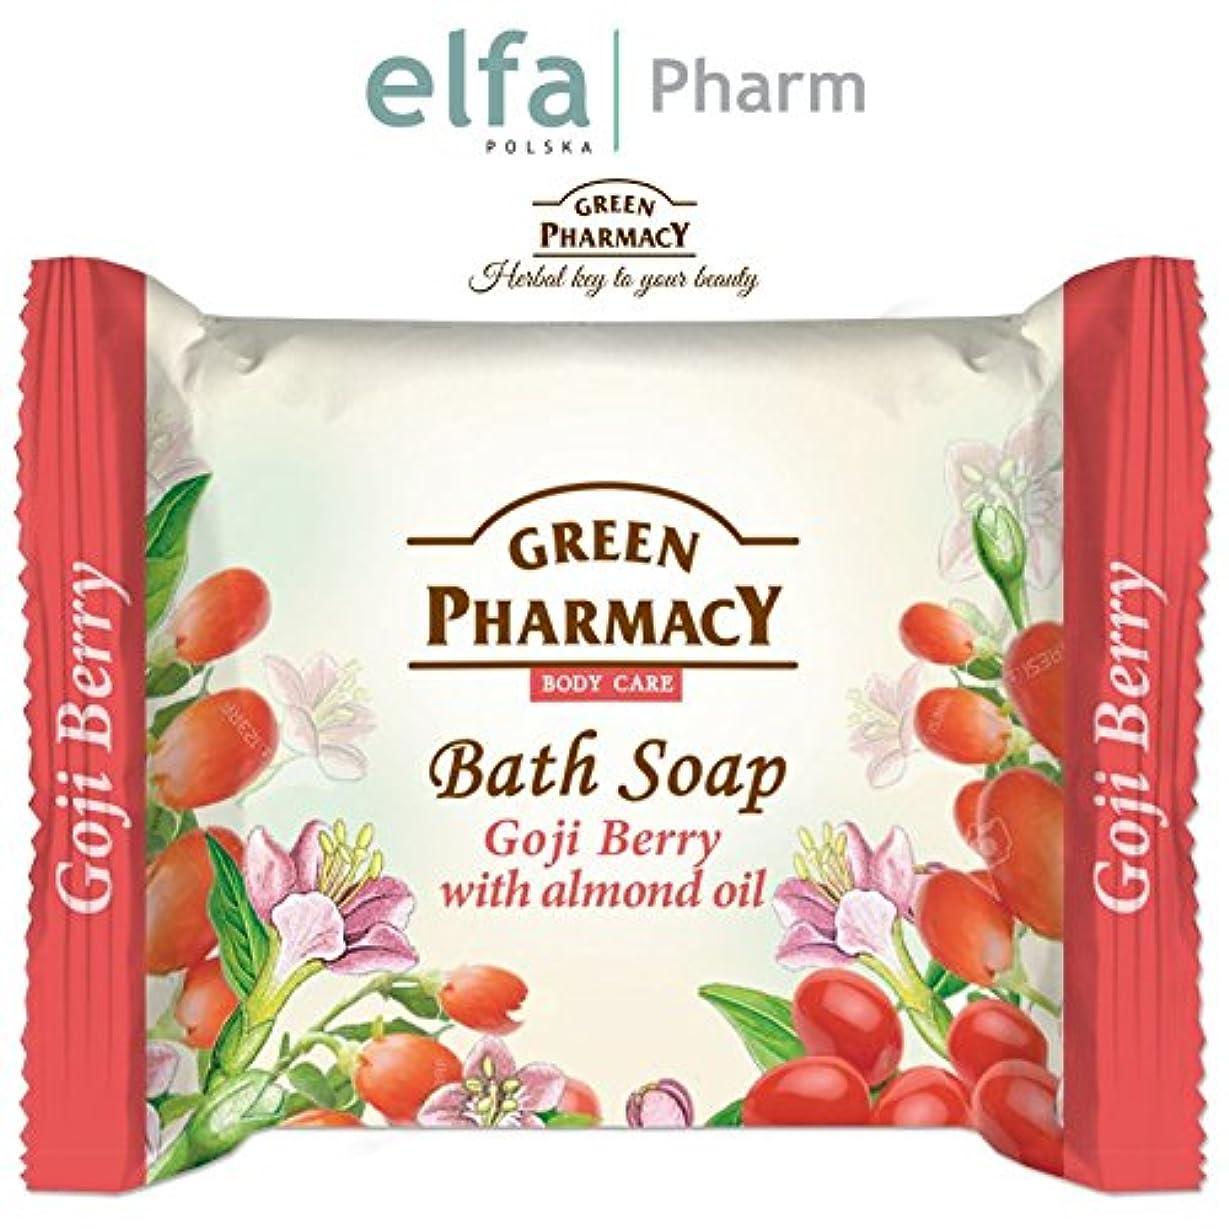 病振りかけるブランド名石鹸 固形 安心?安全 古代からのハーブの知識を生かして作られた固形せっけん ポーランドのグリーンファーマシー elfa Pharm Green Pharmacy Bath Soap Goji Berry with Almond...